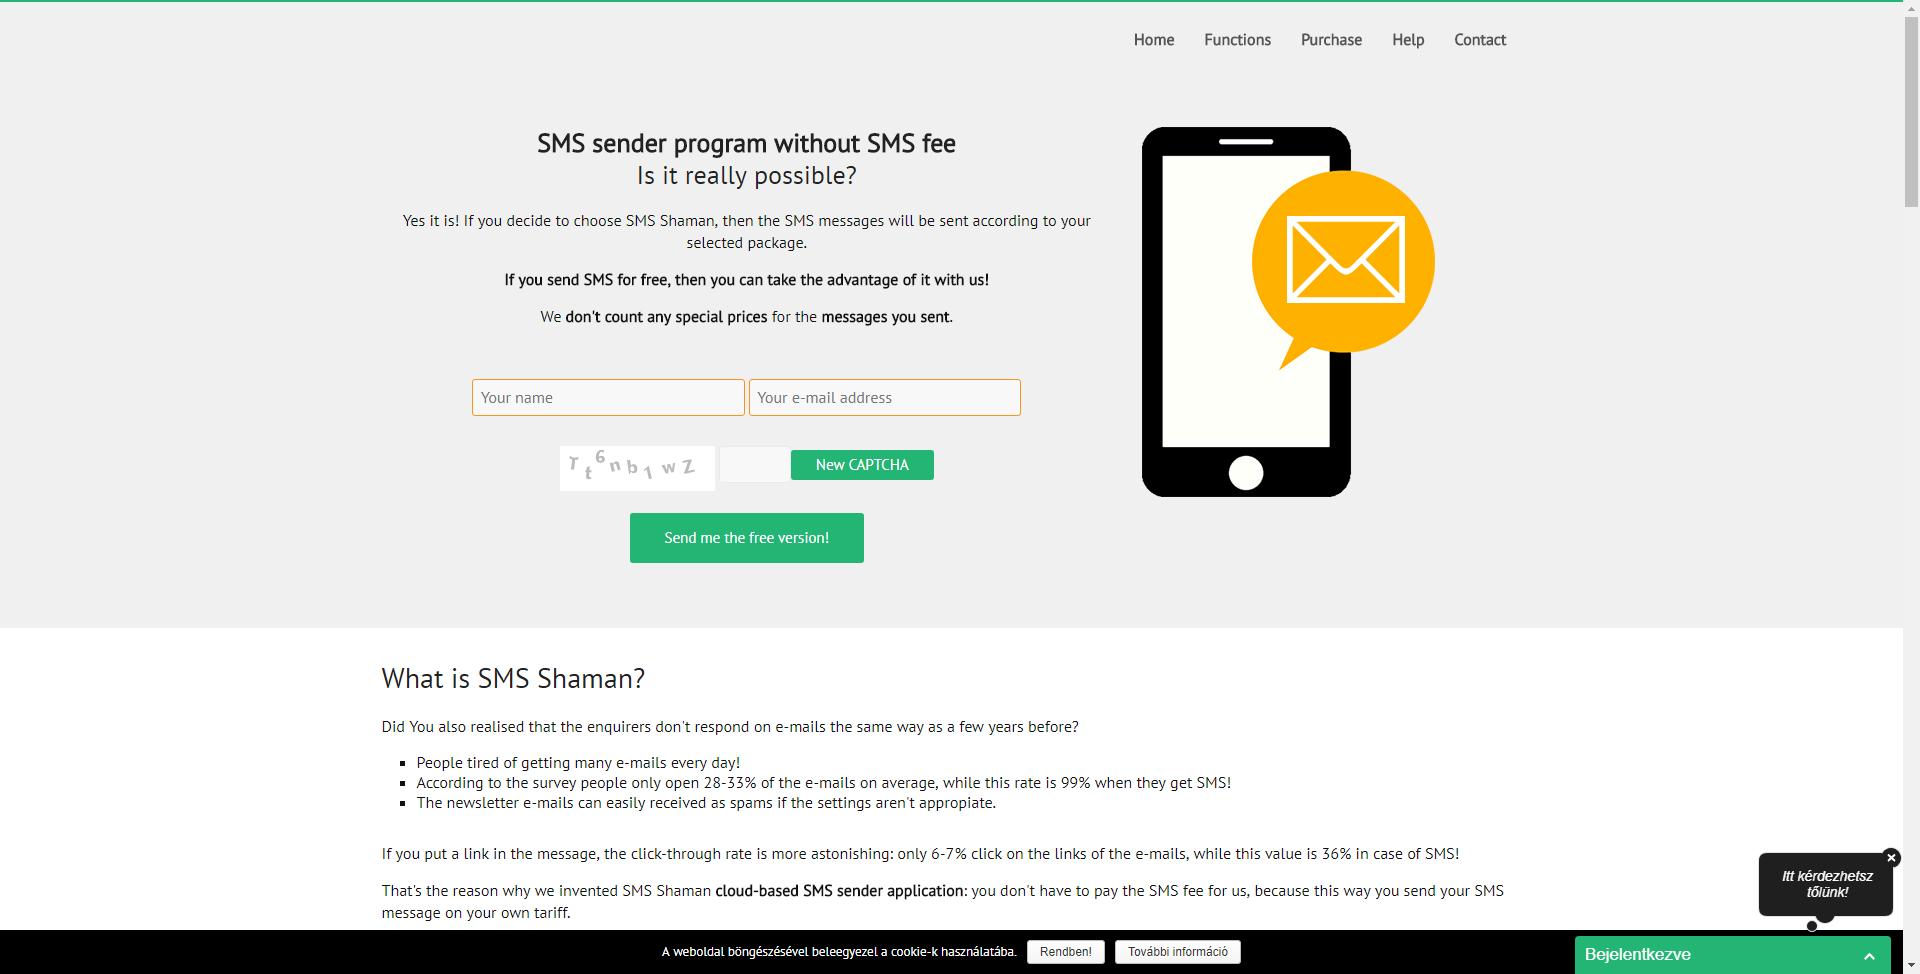 SMS sender software